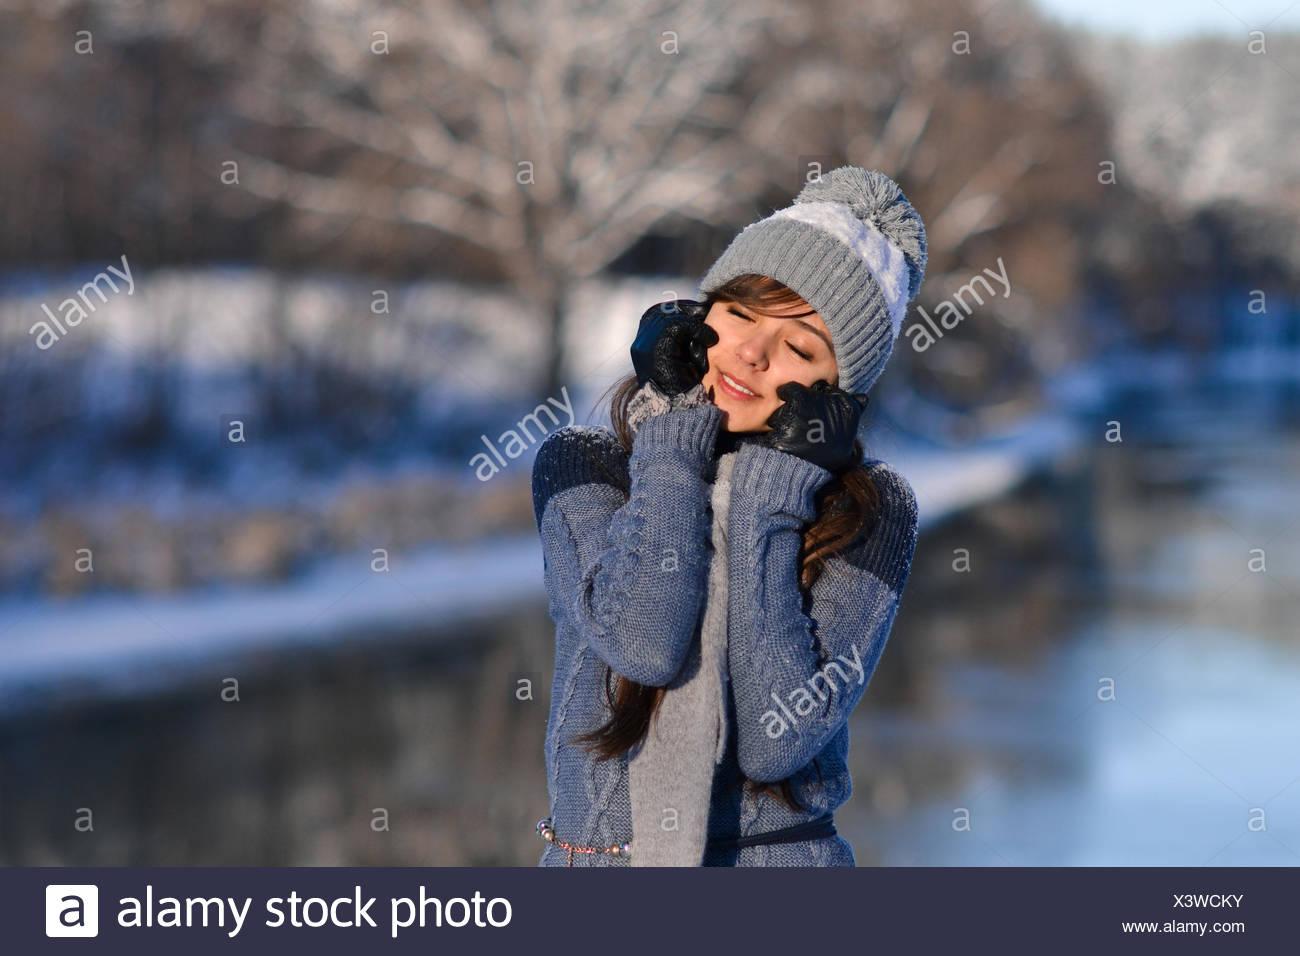 Photo de fermé les yeux sourire ensoleillé belle fille mignonne bénéficiant  d une nature d hiver sur fond d hiver forêt enneigée. Portrait de jeune  fille en ... 7c3e69d8f48